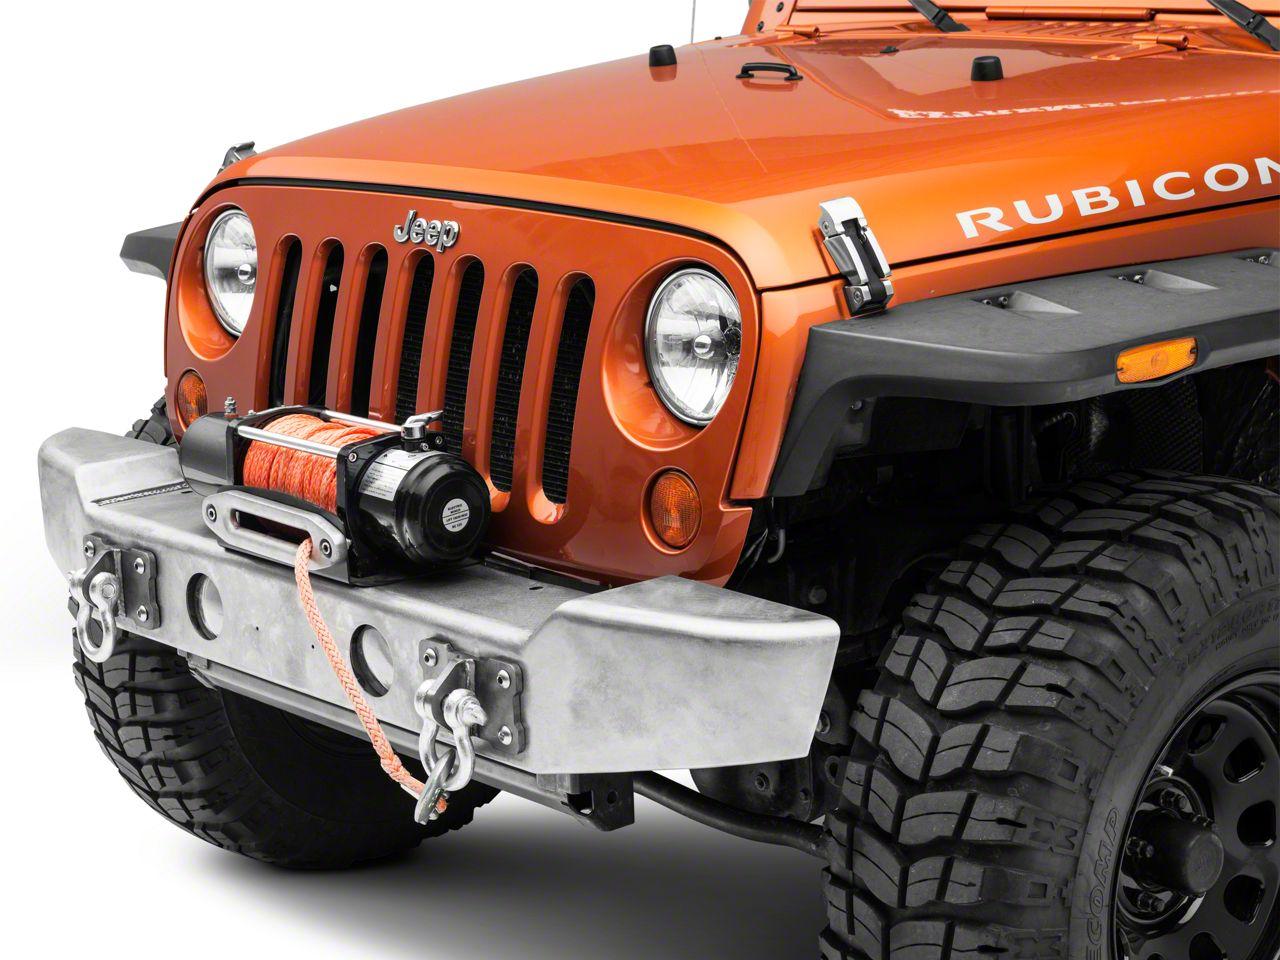 LoD Offroad Armor Lite Mid-Width Front Bumper - Bare Steel (07-18 Jeep Wrangler JK)